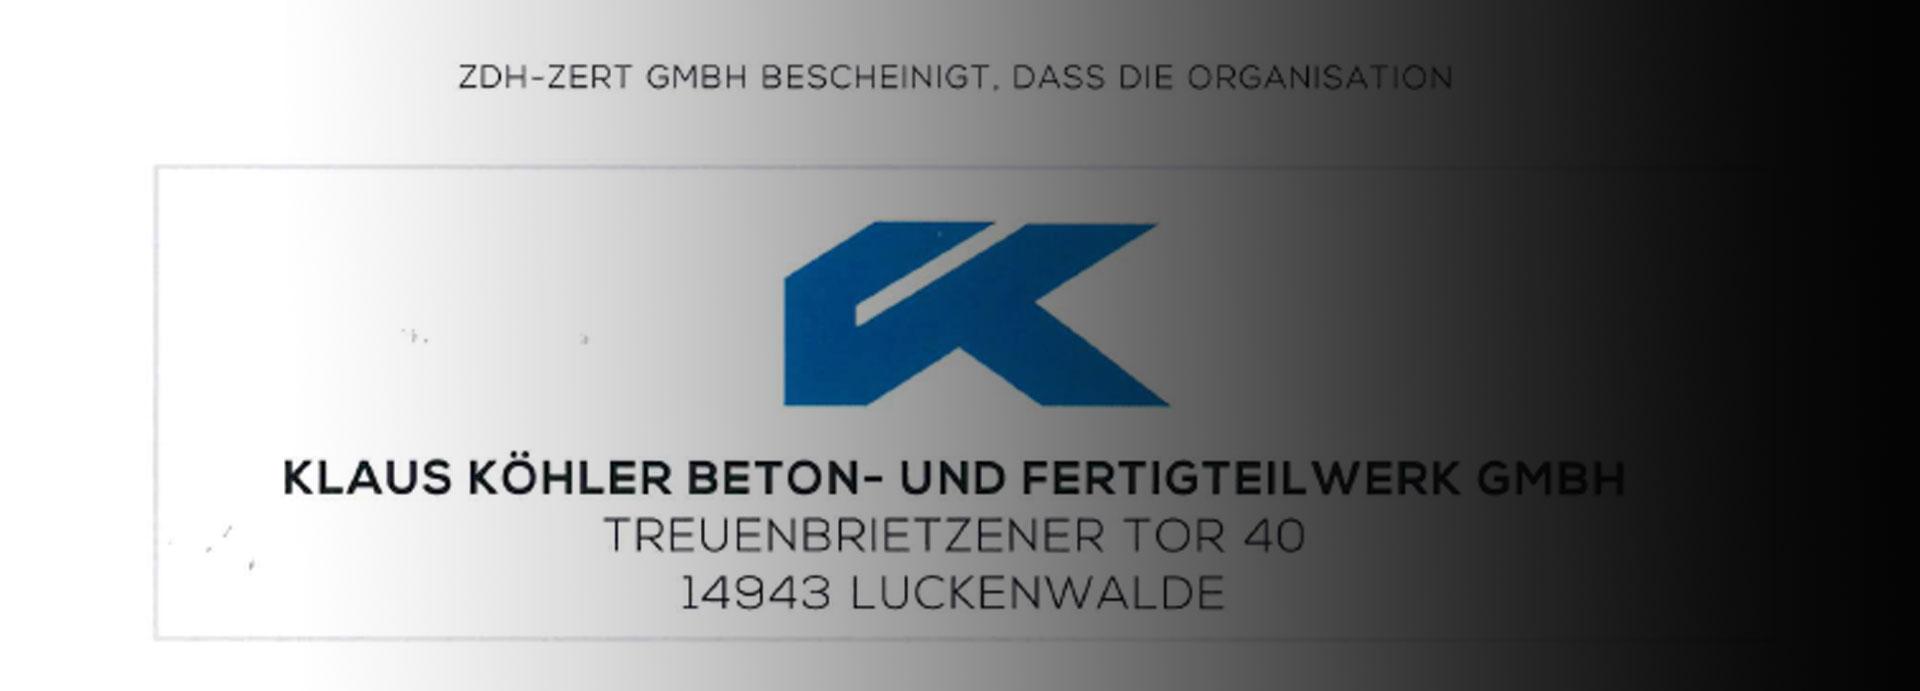 ZDH Zertifikat - Köhler Beton